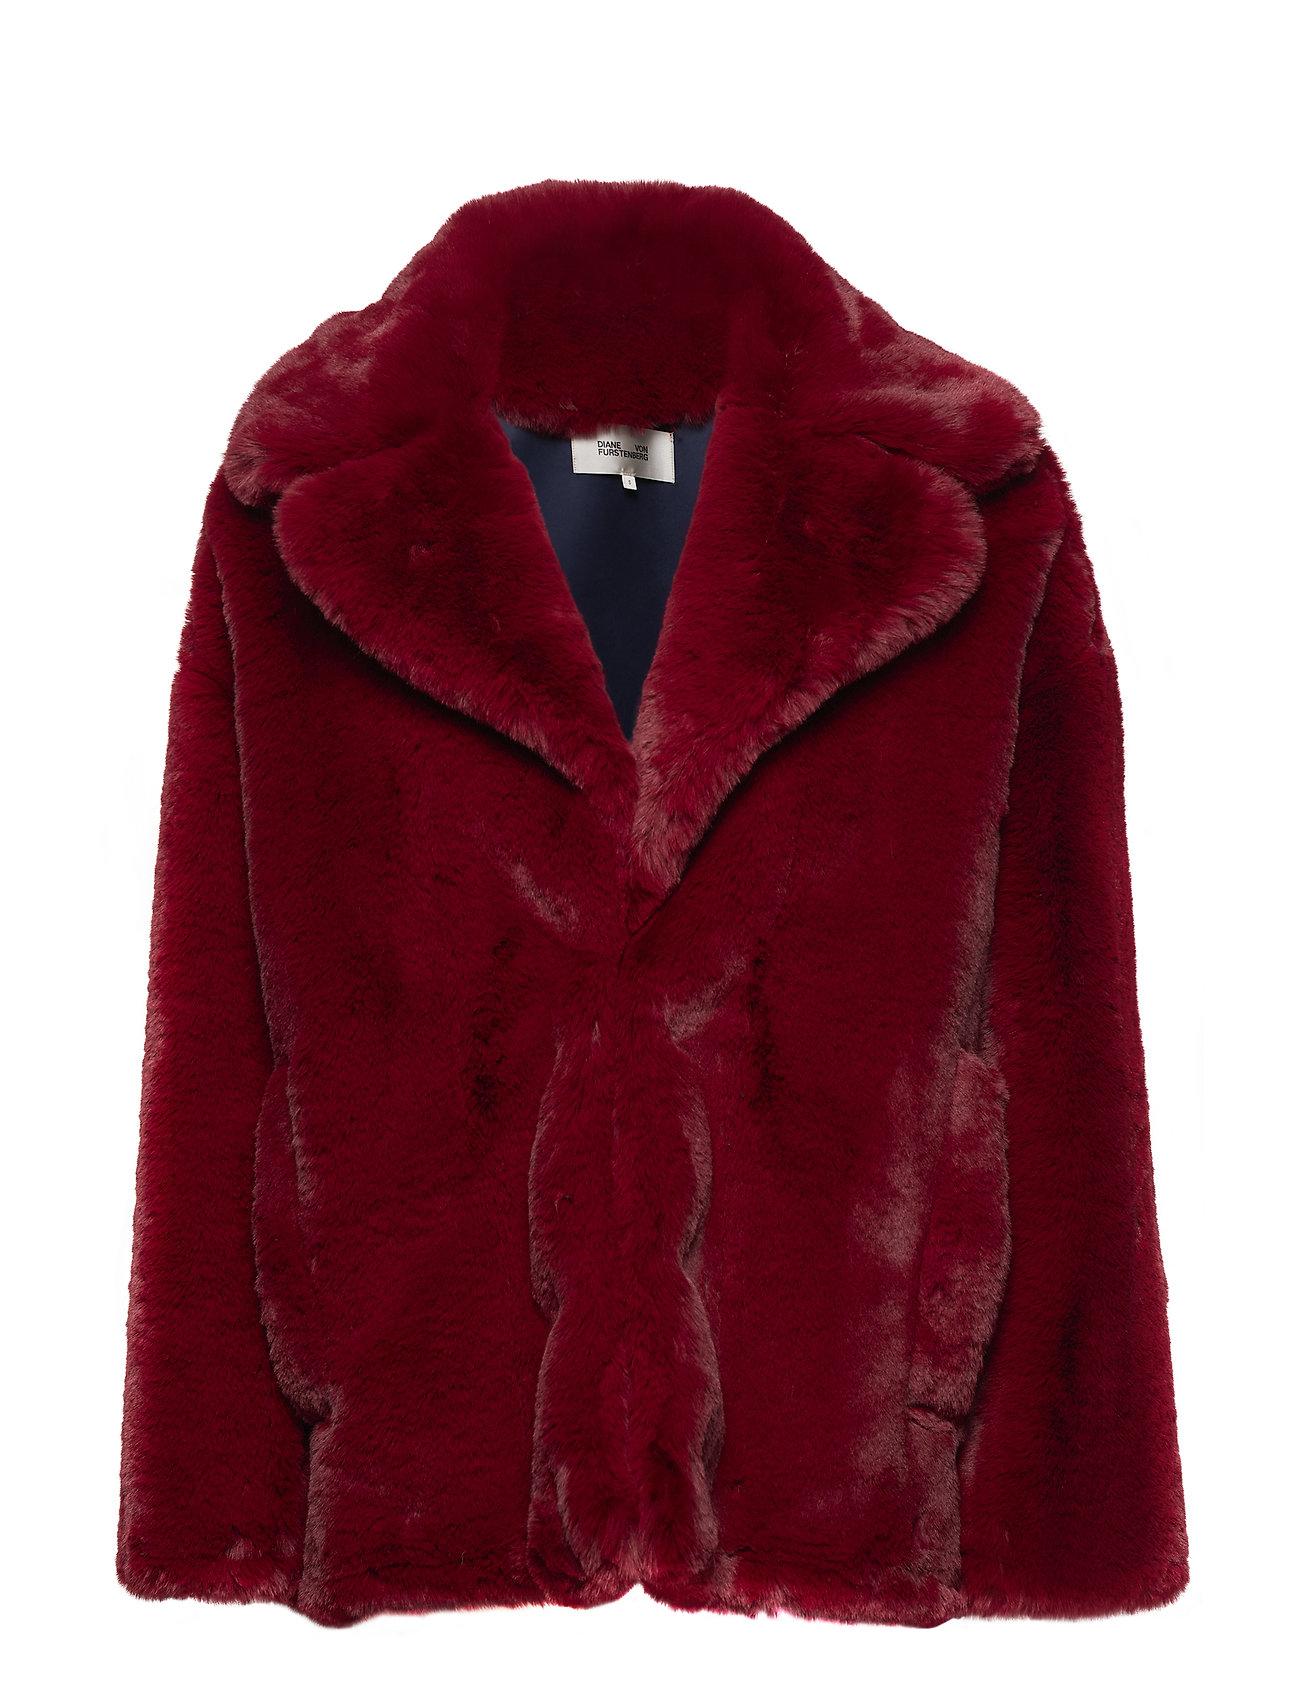 L/S Collared Jacket - Diane von Furstenberg